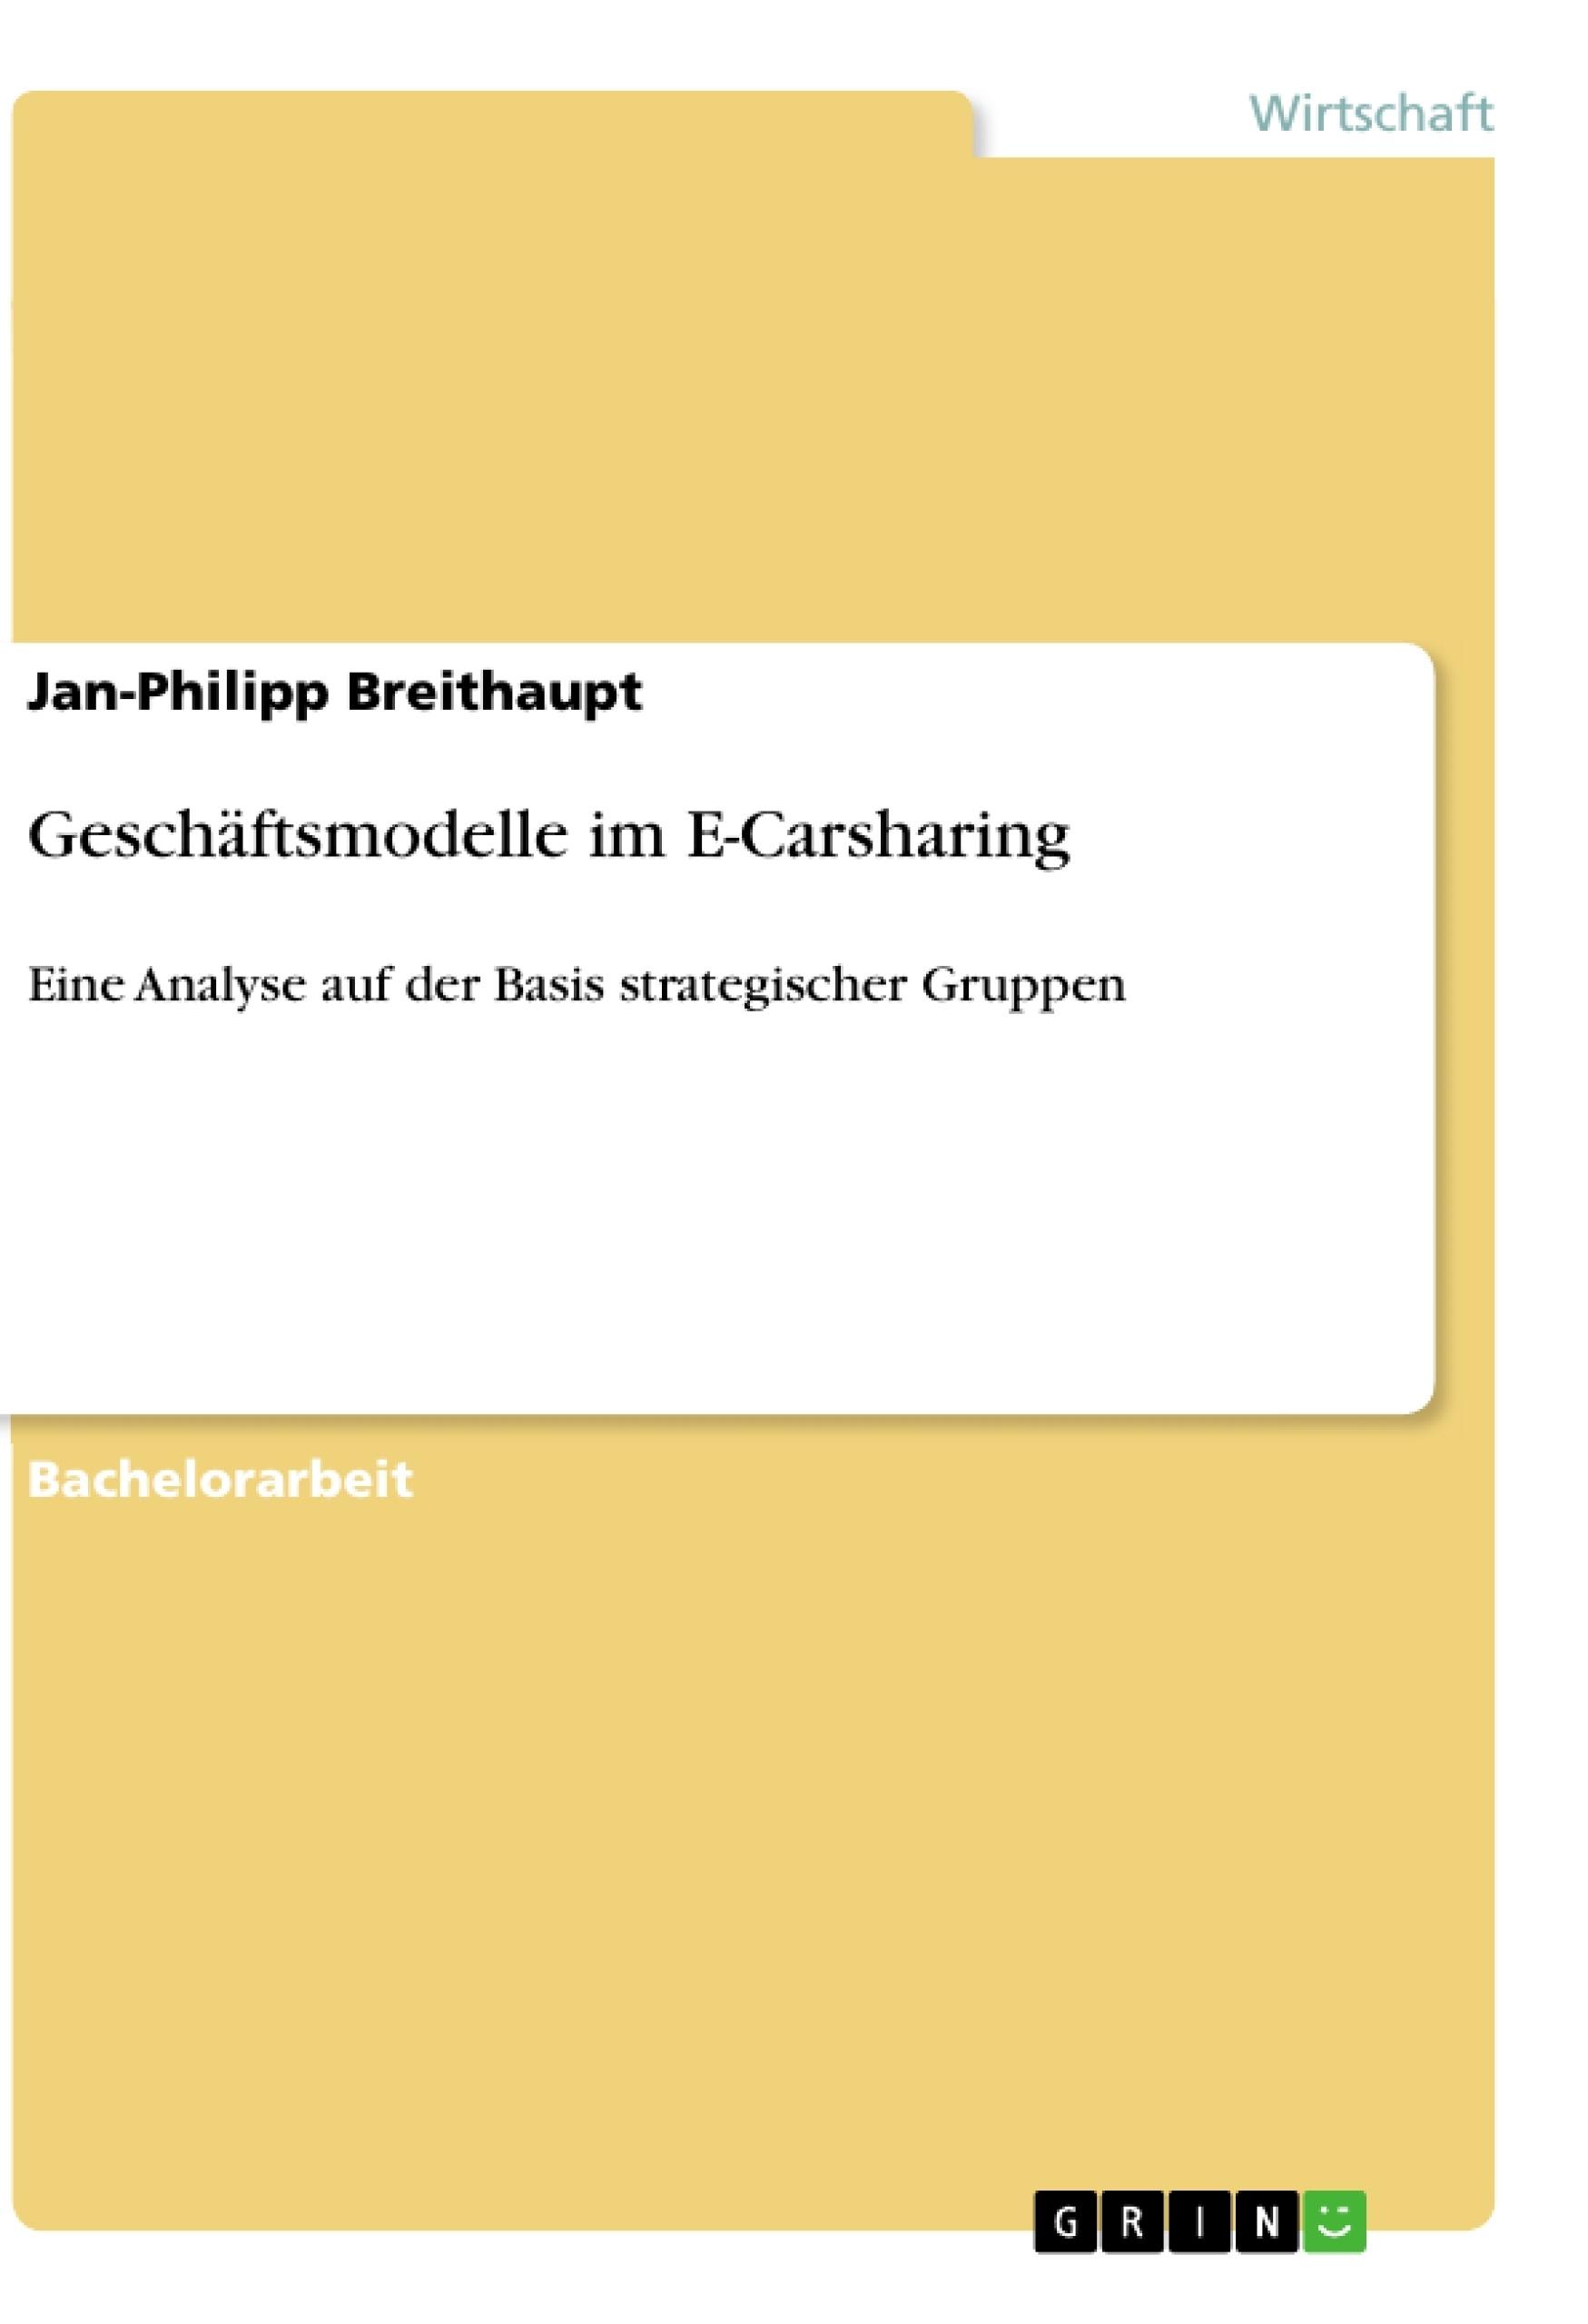 Titel: Geschäftsmodelle im E-Carsharing